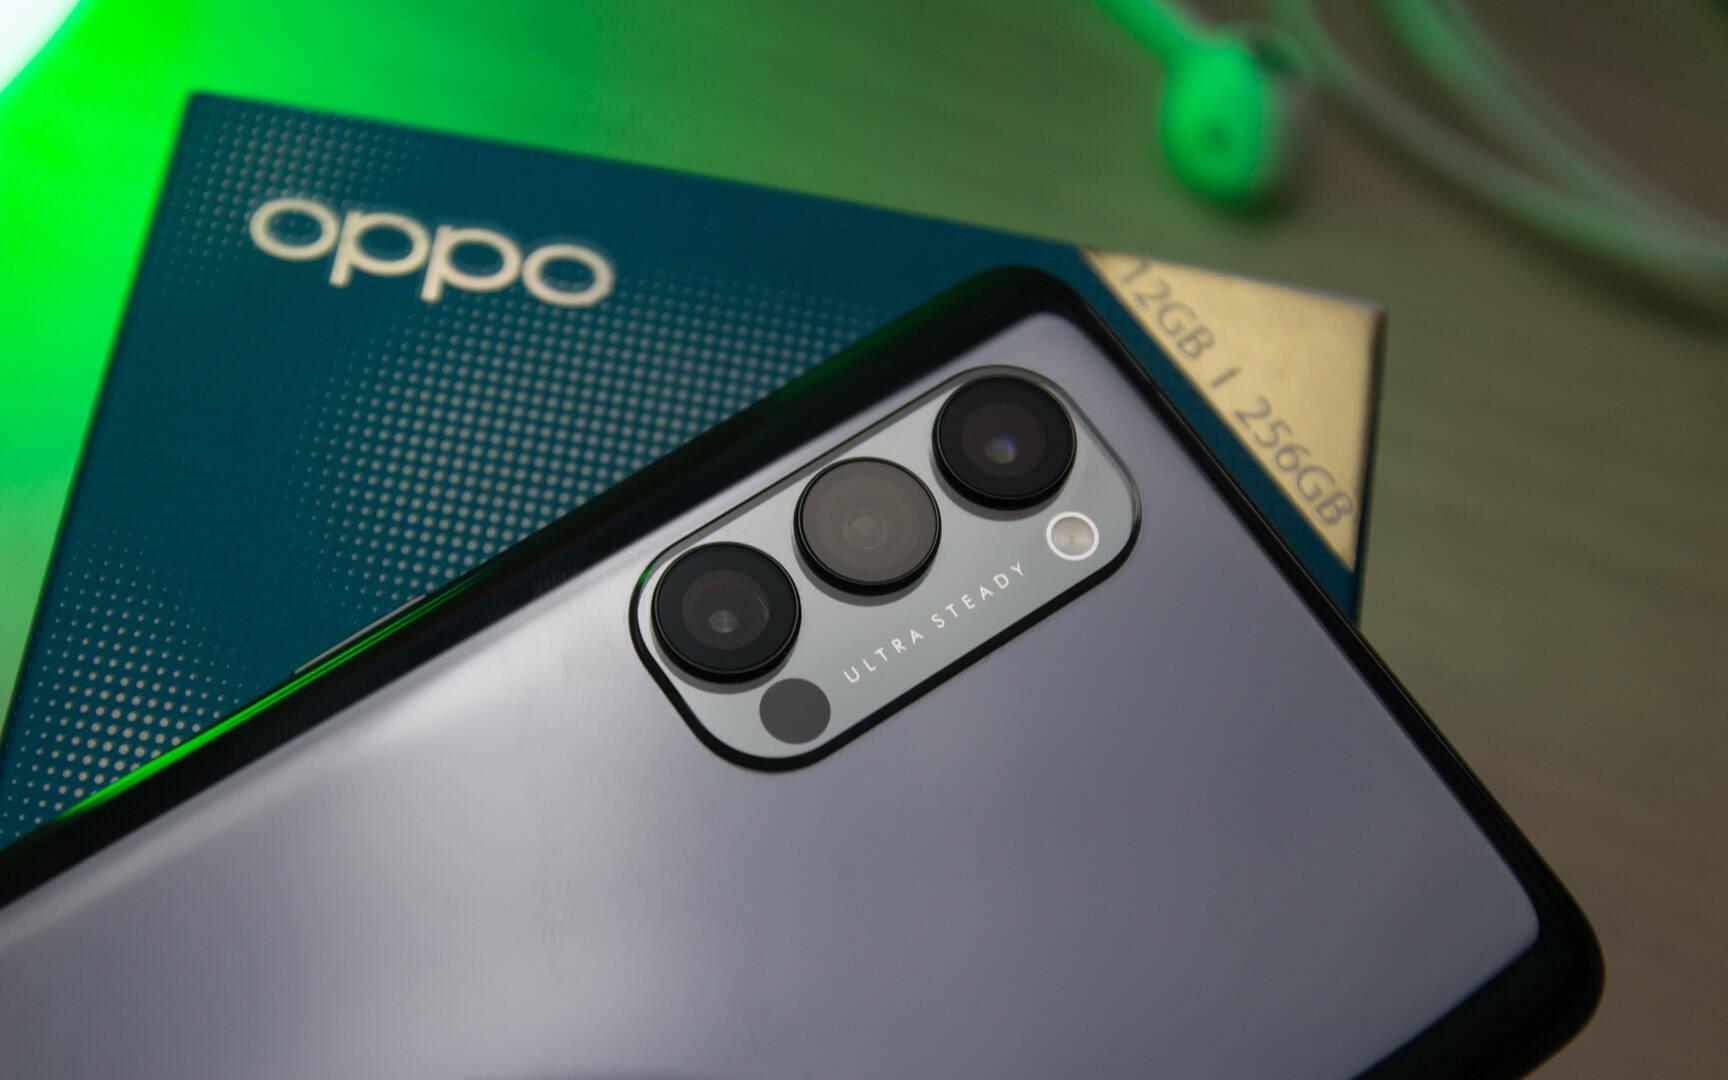 OPPO Reno4 Pro